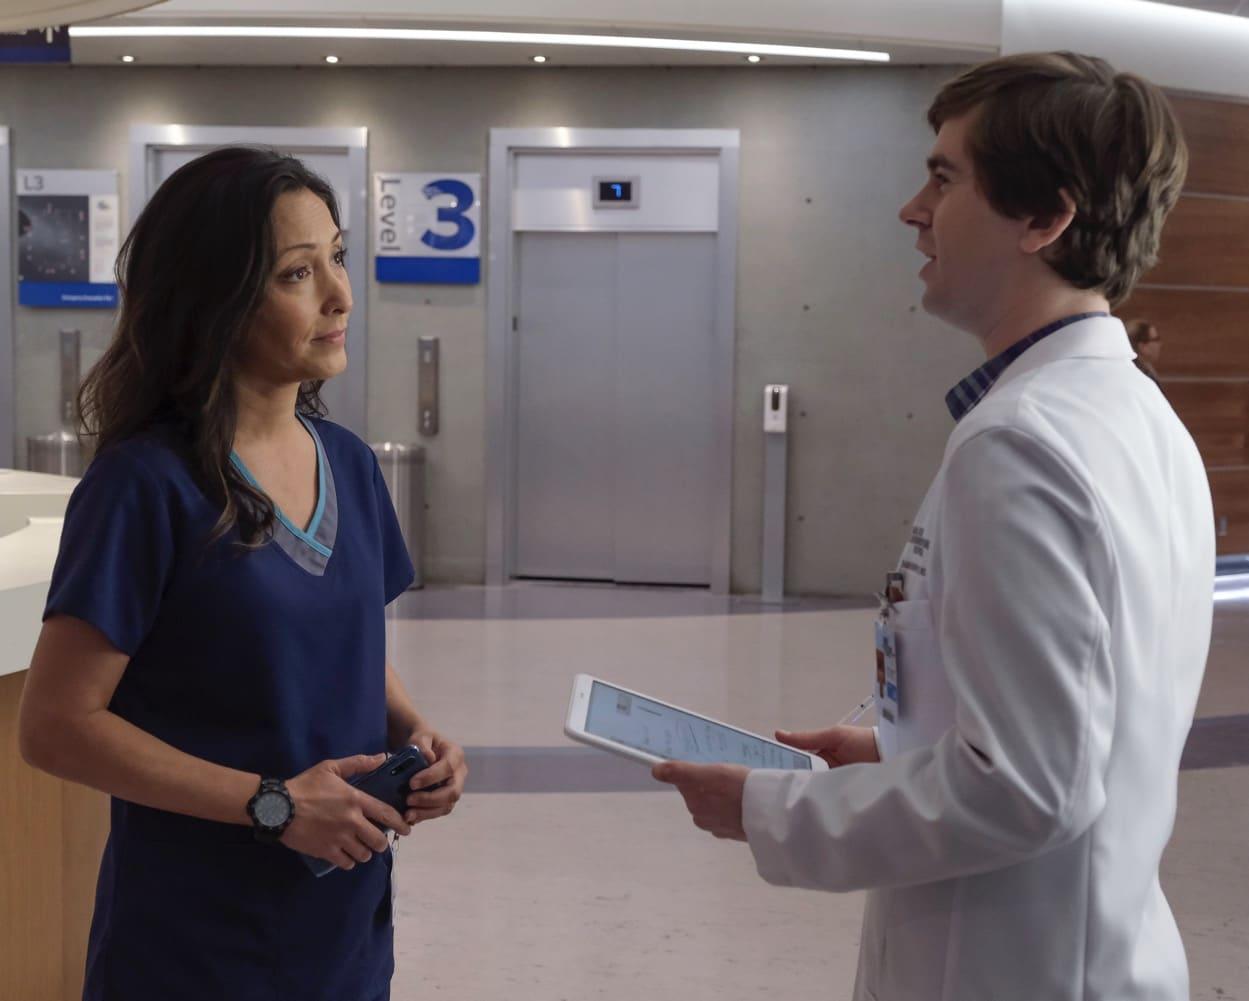 THE GOOD DOCTOR Season 4 Episode 6 Lim CHRISTINA CHANG, FREDDIE HIGHMORE